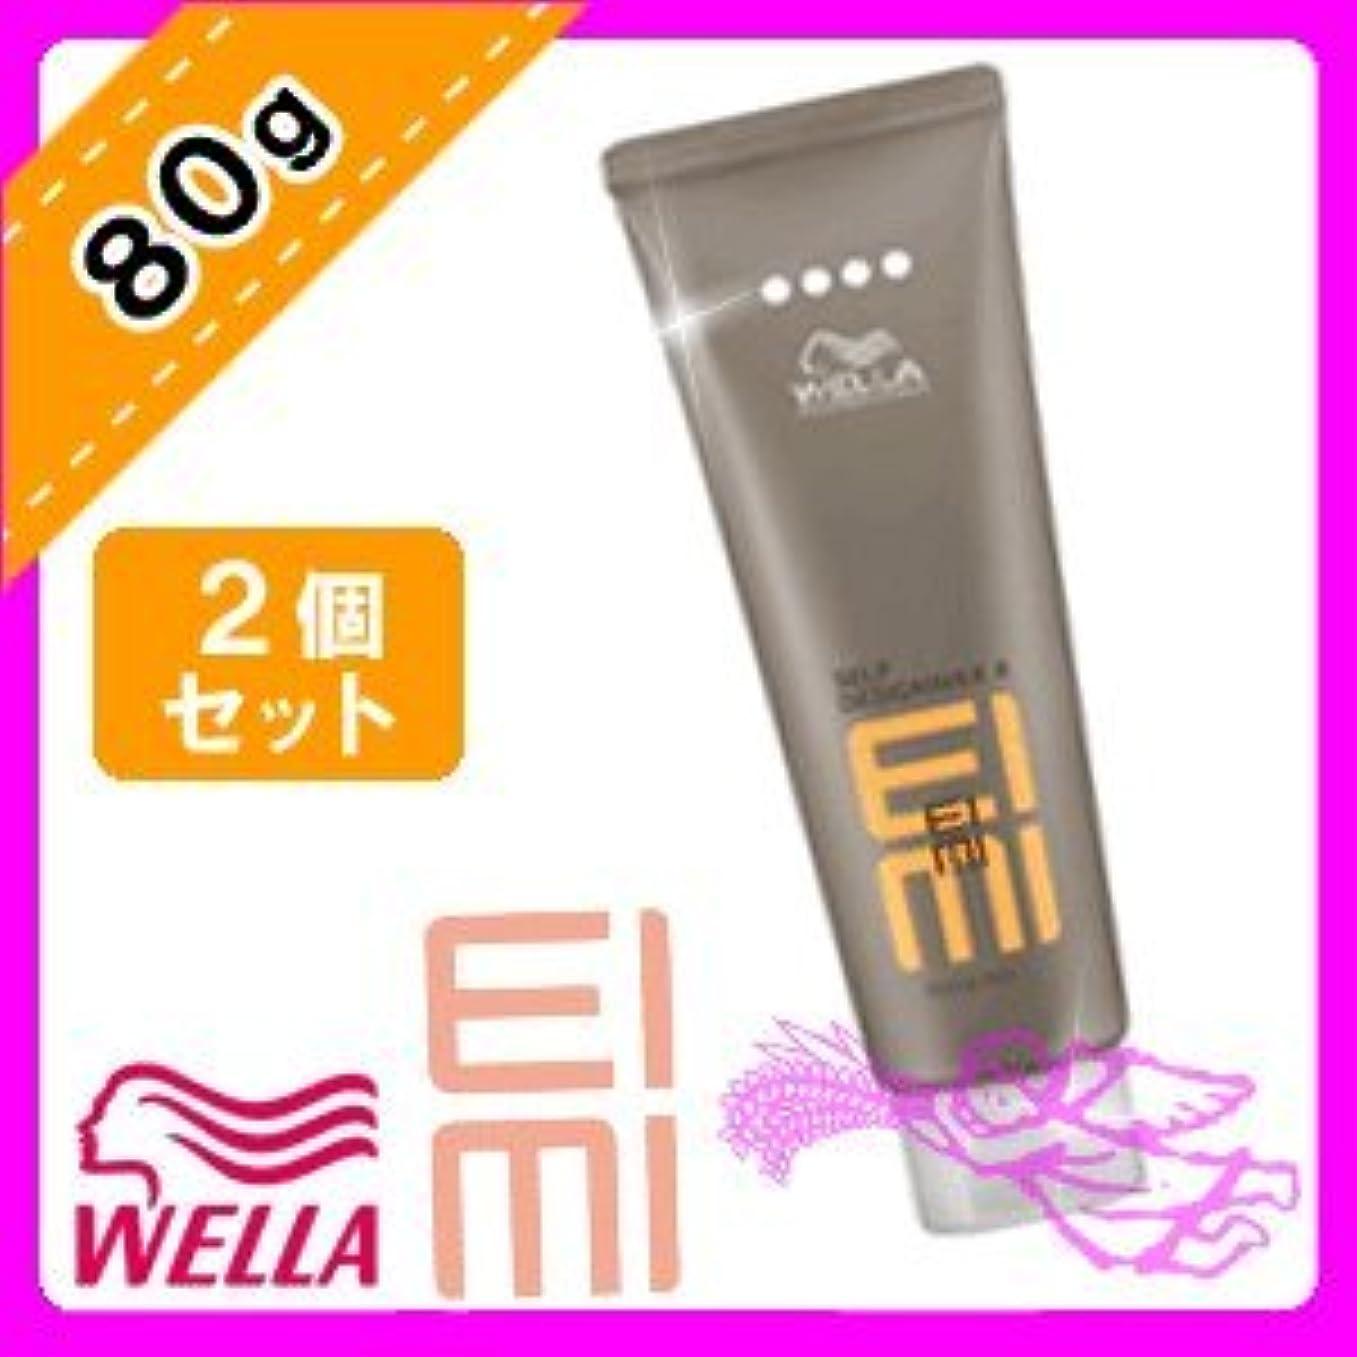 インタラクション医薬人生を作るウエラ EIMI(アイミィ) セルフデザインワックス4 80g ×2個 セット WELLA P&G